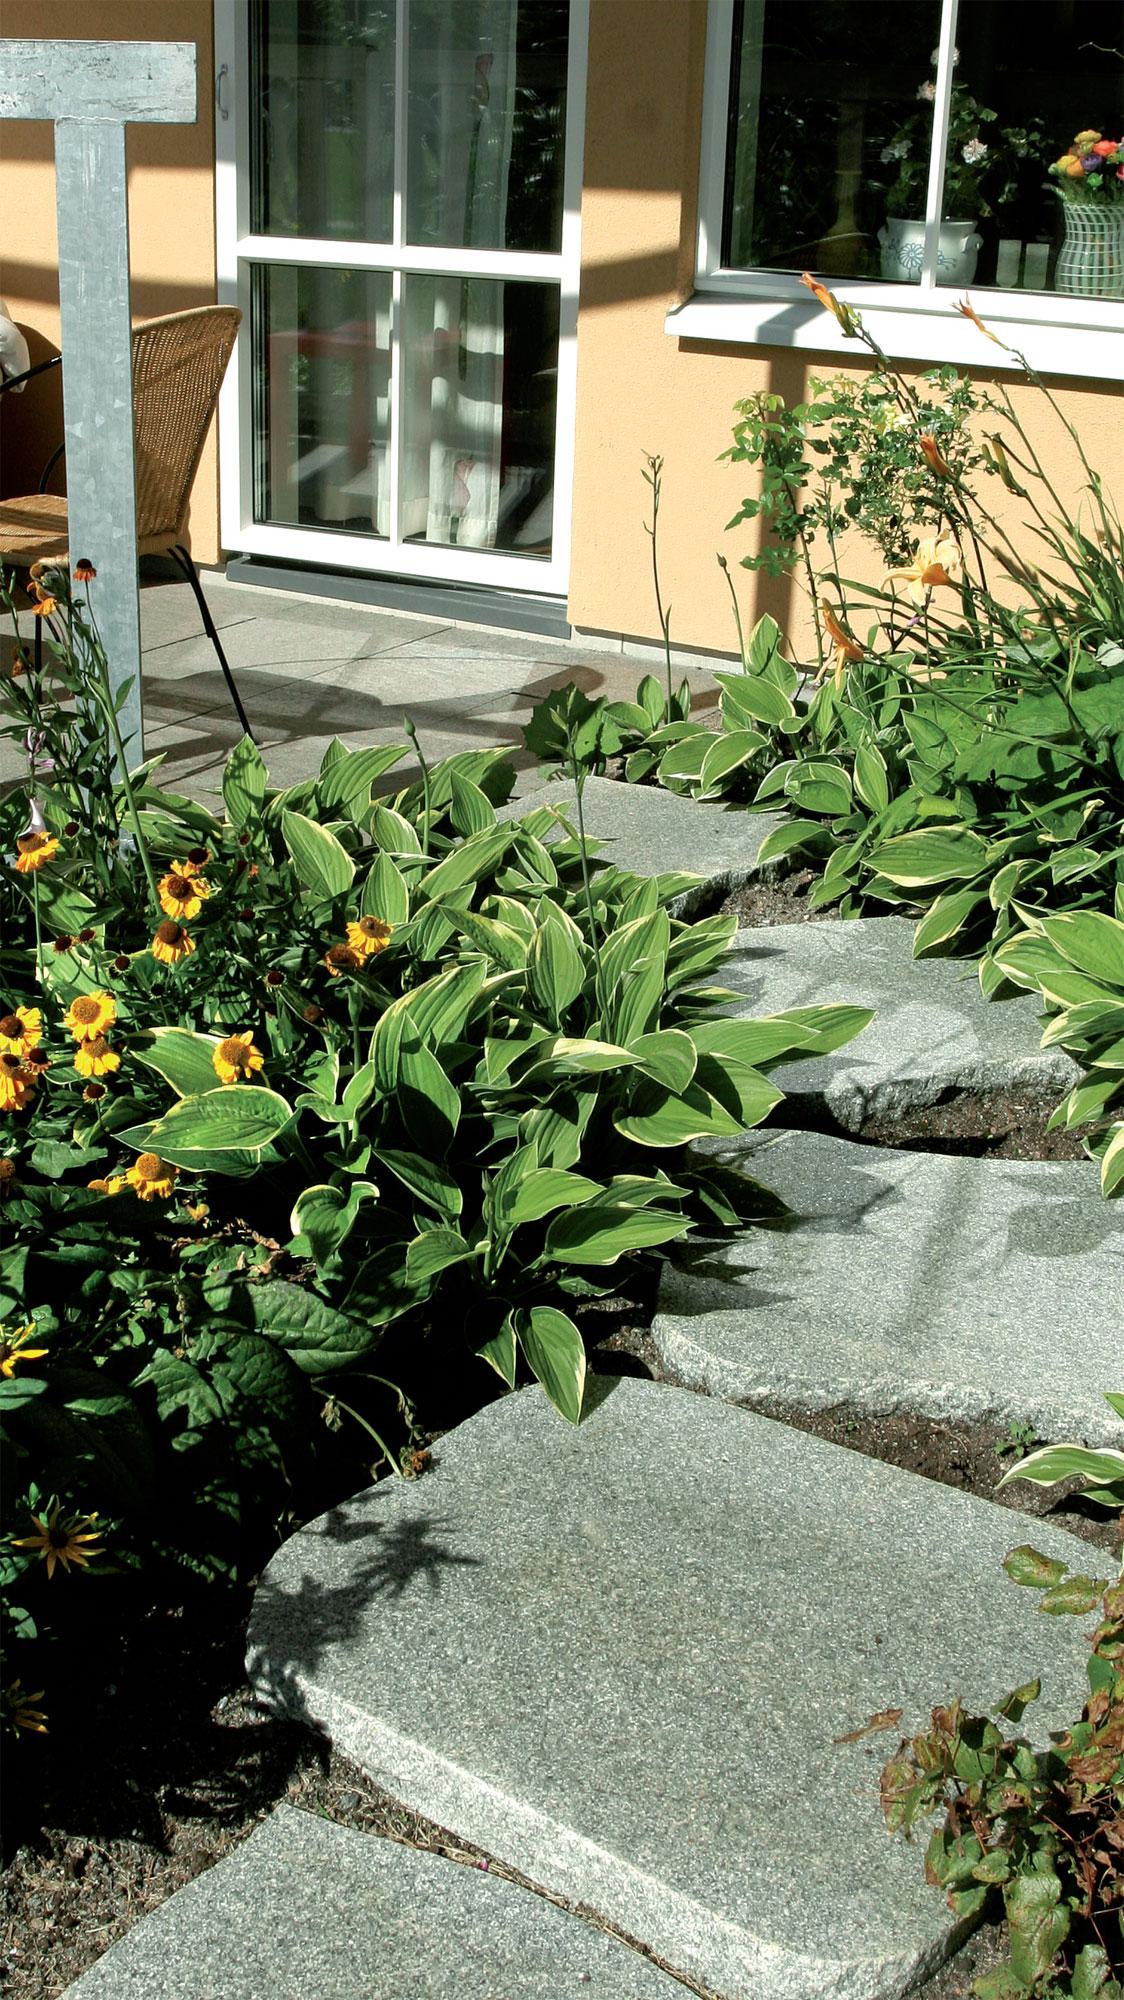 Jyhkeät, pyöreäreunaisiksi hiotut graniittilaatat kestävät kovankin käytön